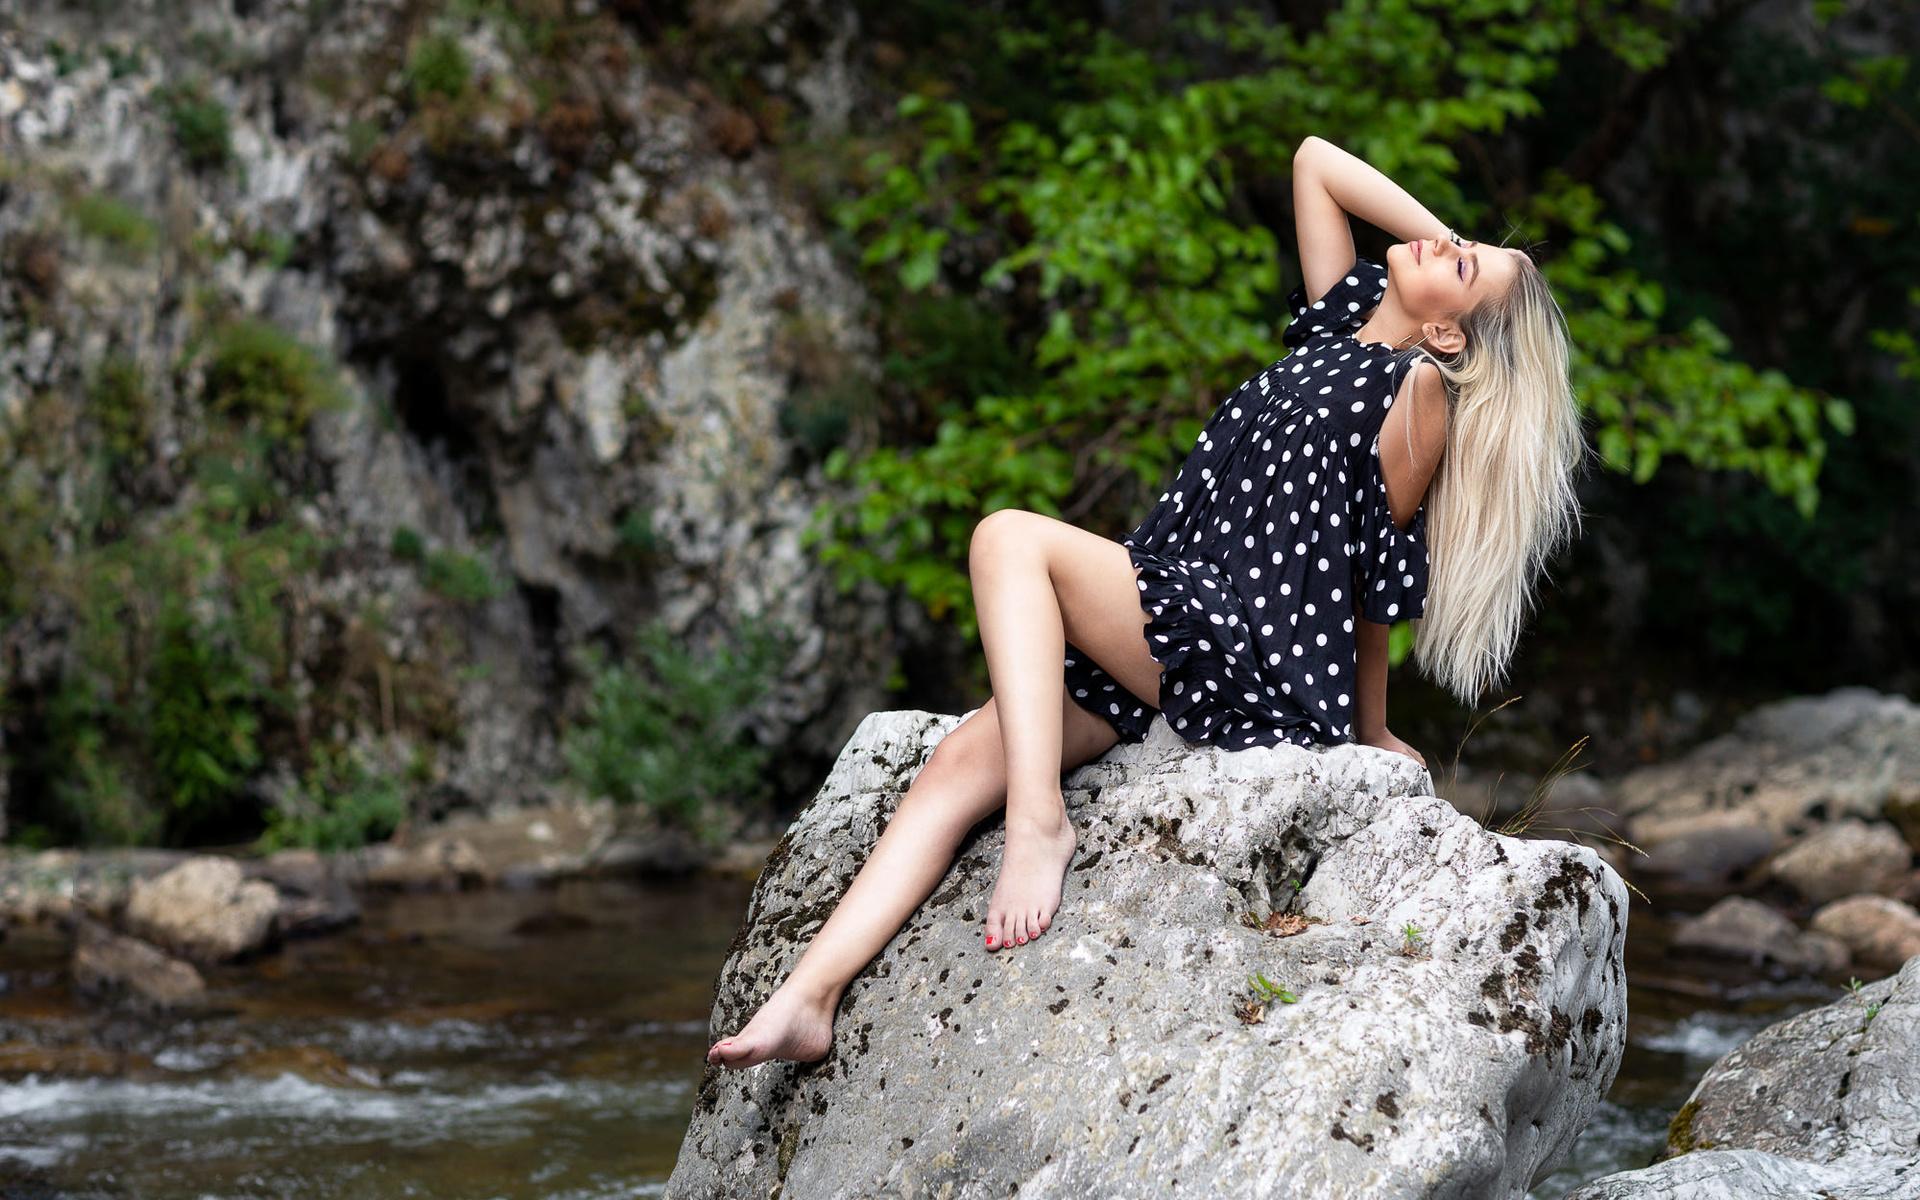 Картинка блондинка на камне